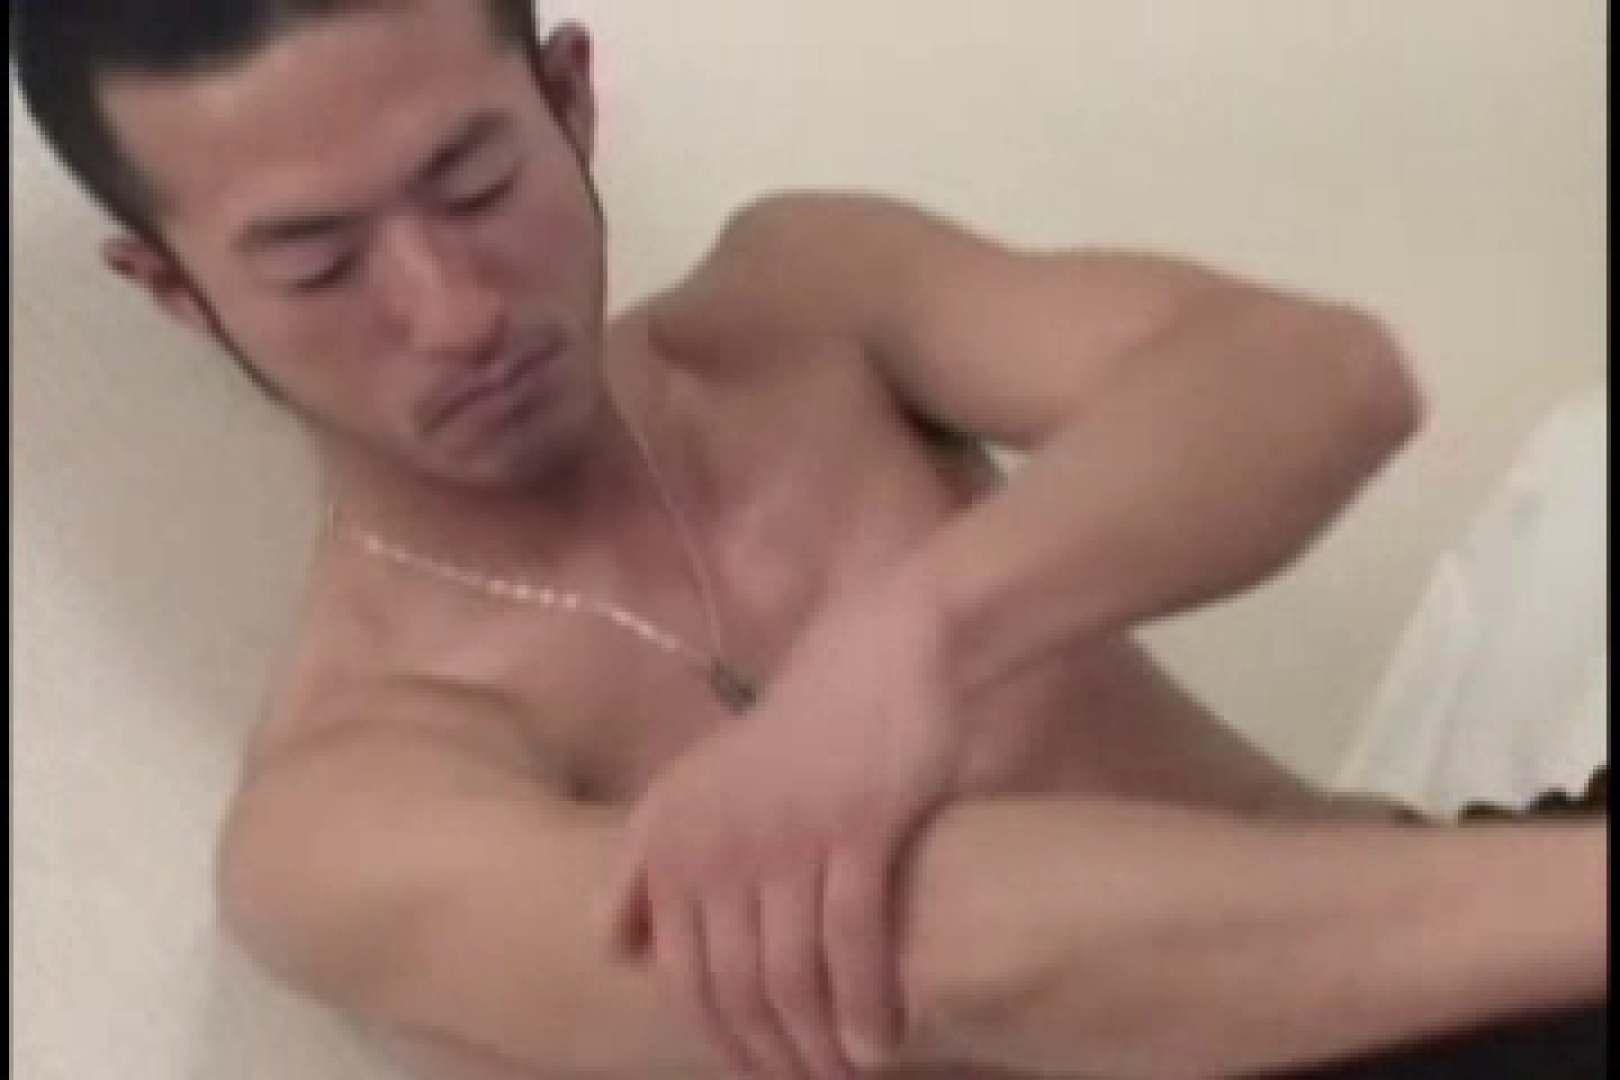 スリ筋!!スポメンのDANKON最高!!take.04 掘り | 手コキ ゲイモロ画像 111pic 31